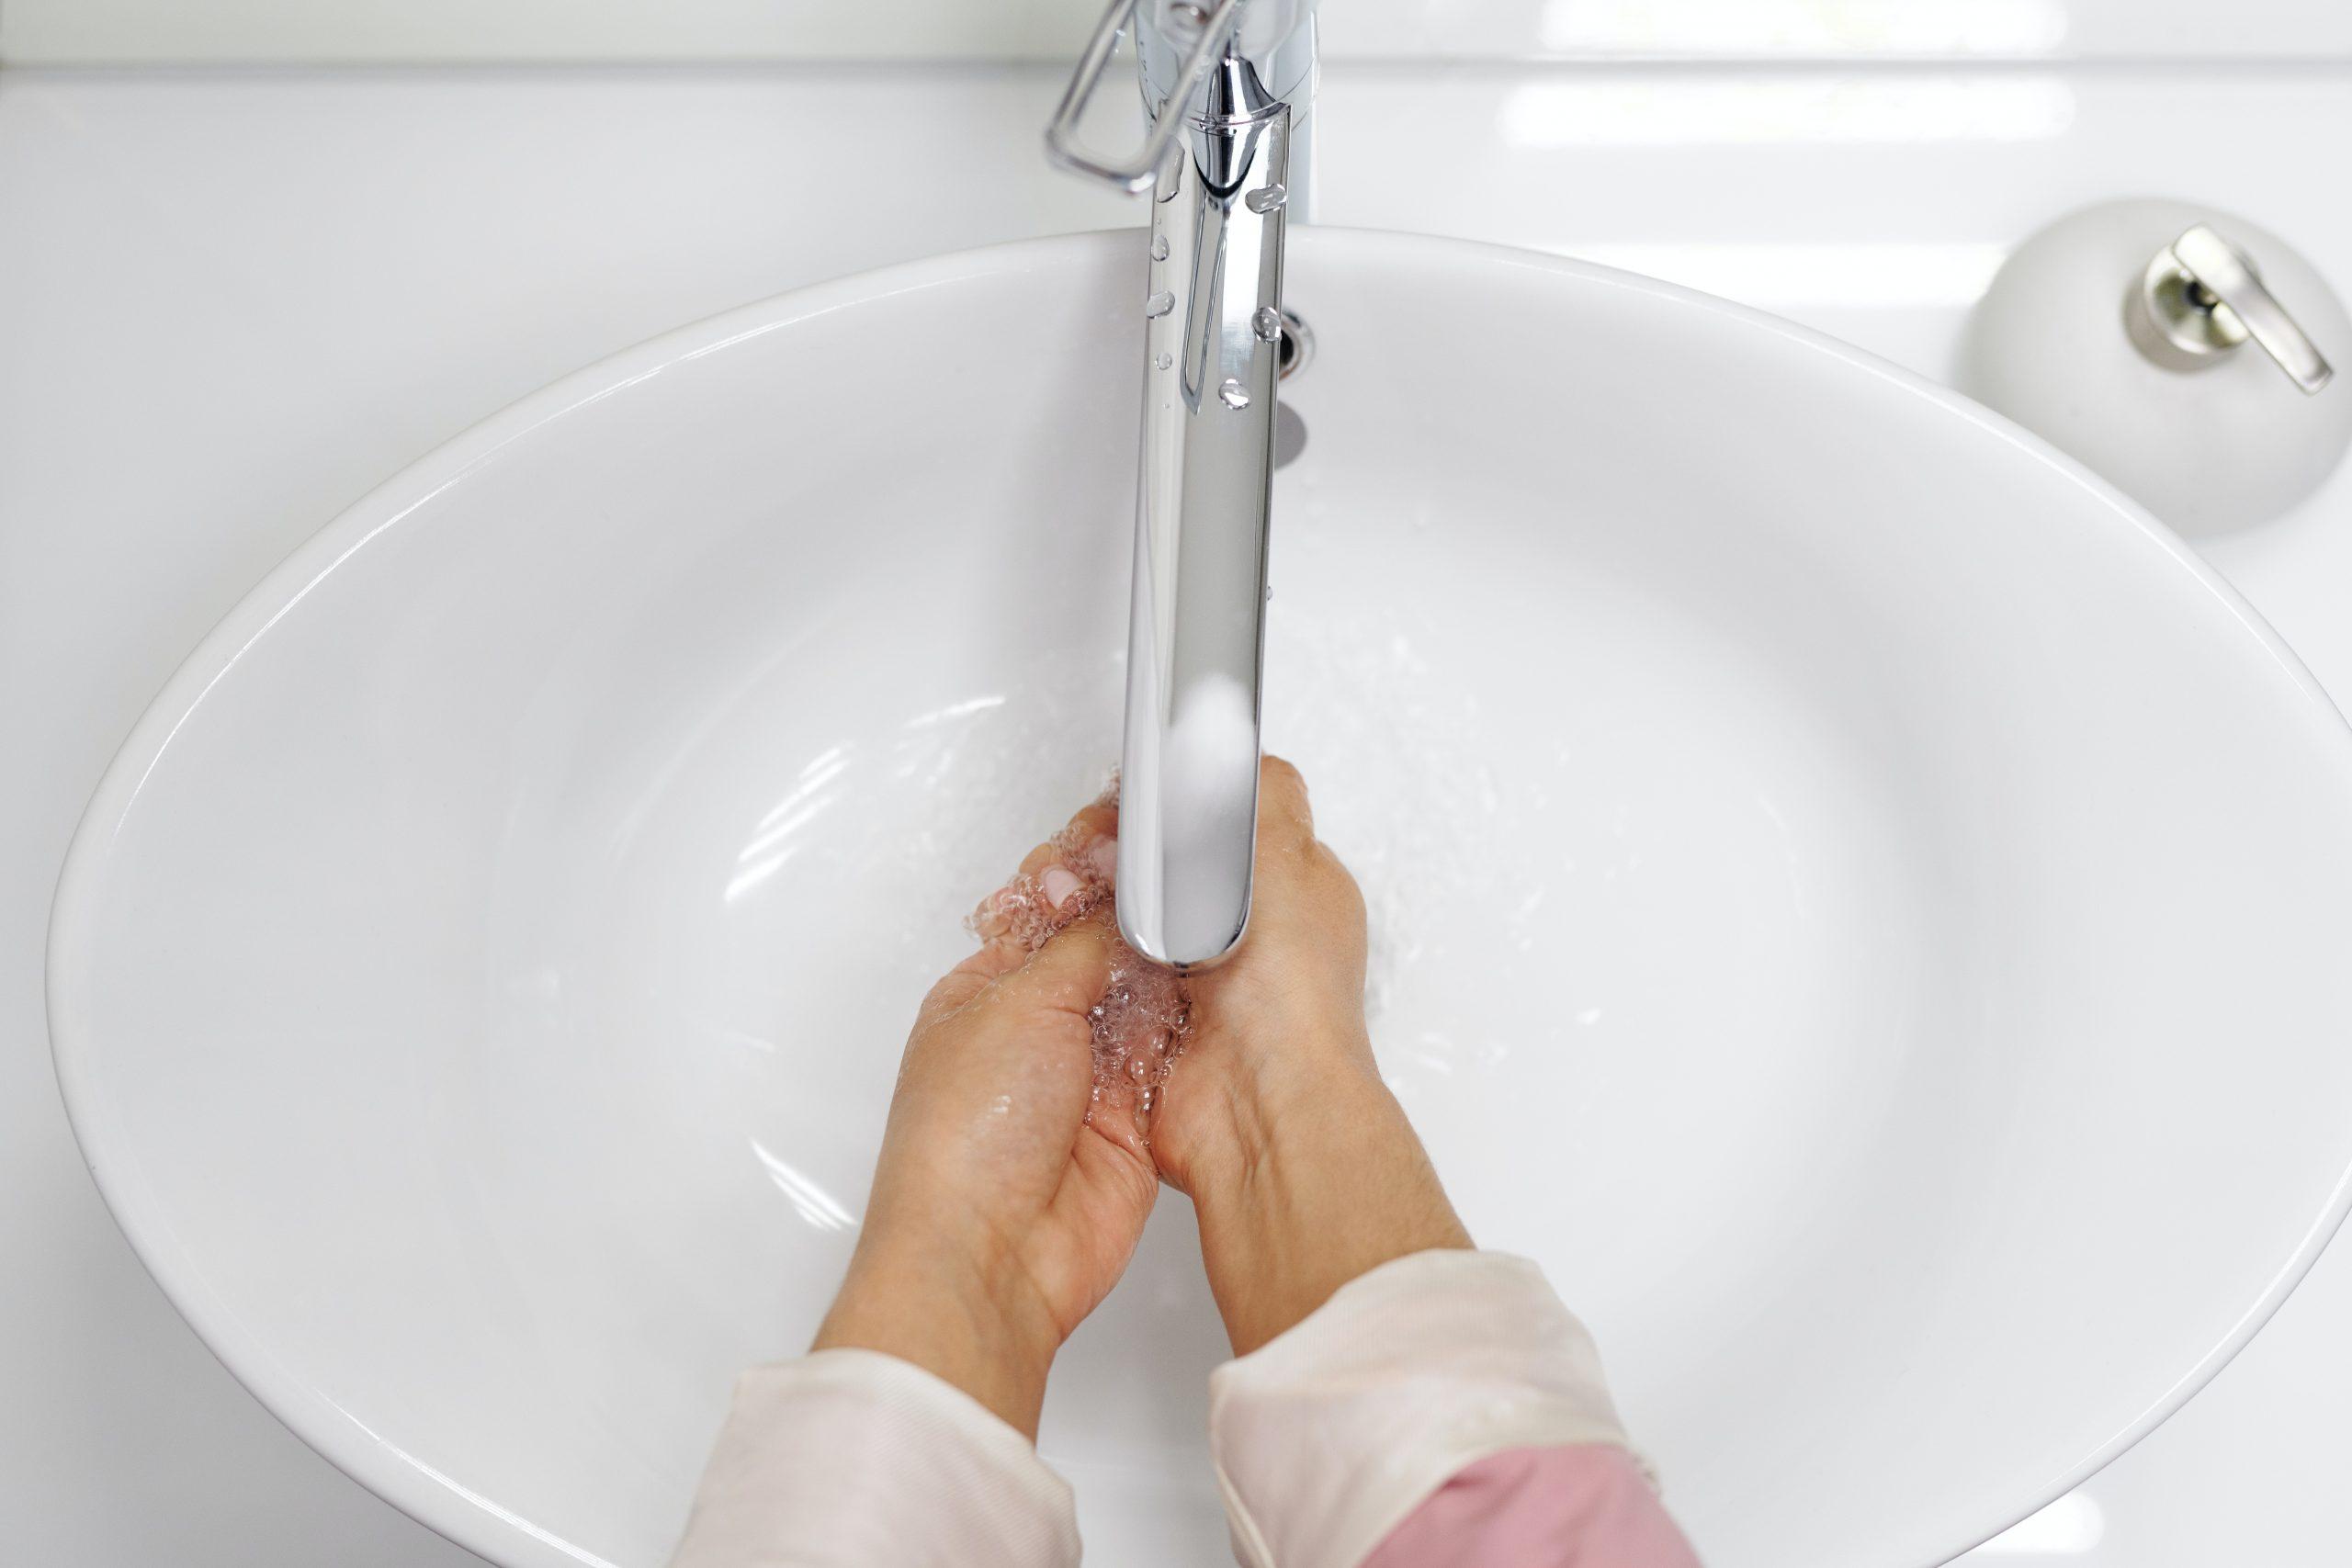 chica lavandose las manos